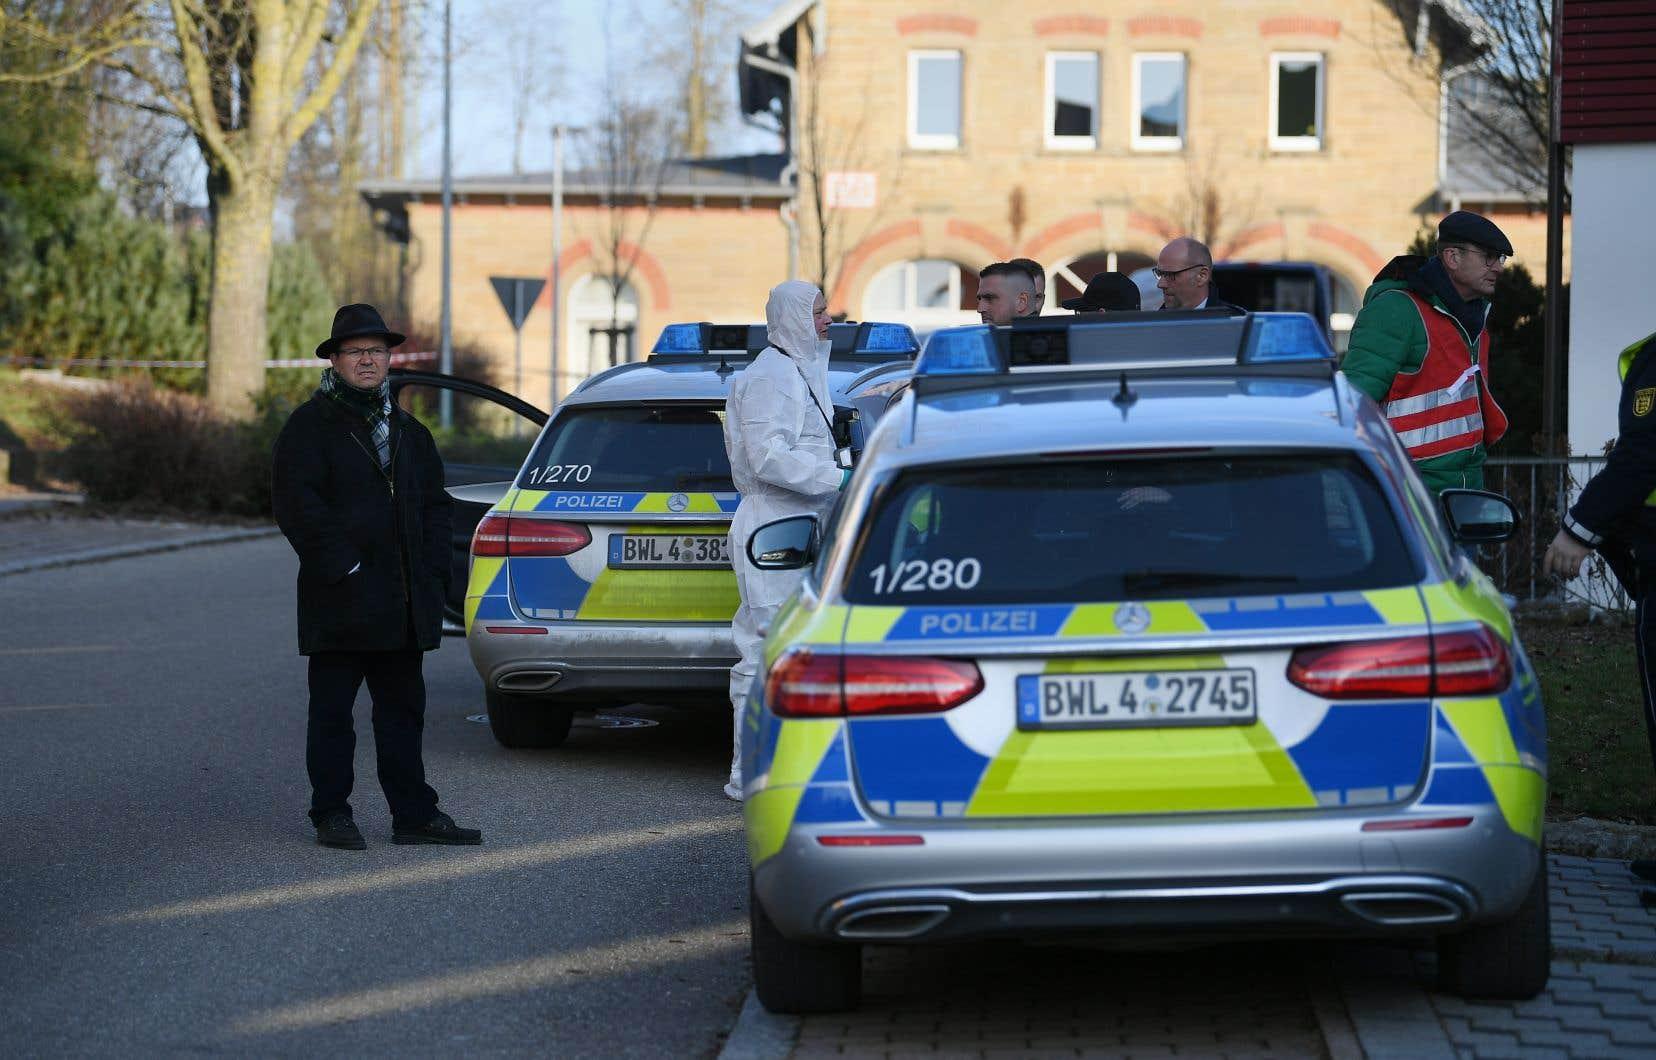 La fusillade, dont l'auteur présumé a été arrêté, s'est produite à la mi-journée dans une région proche de Stuttgart.